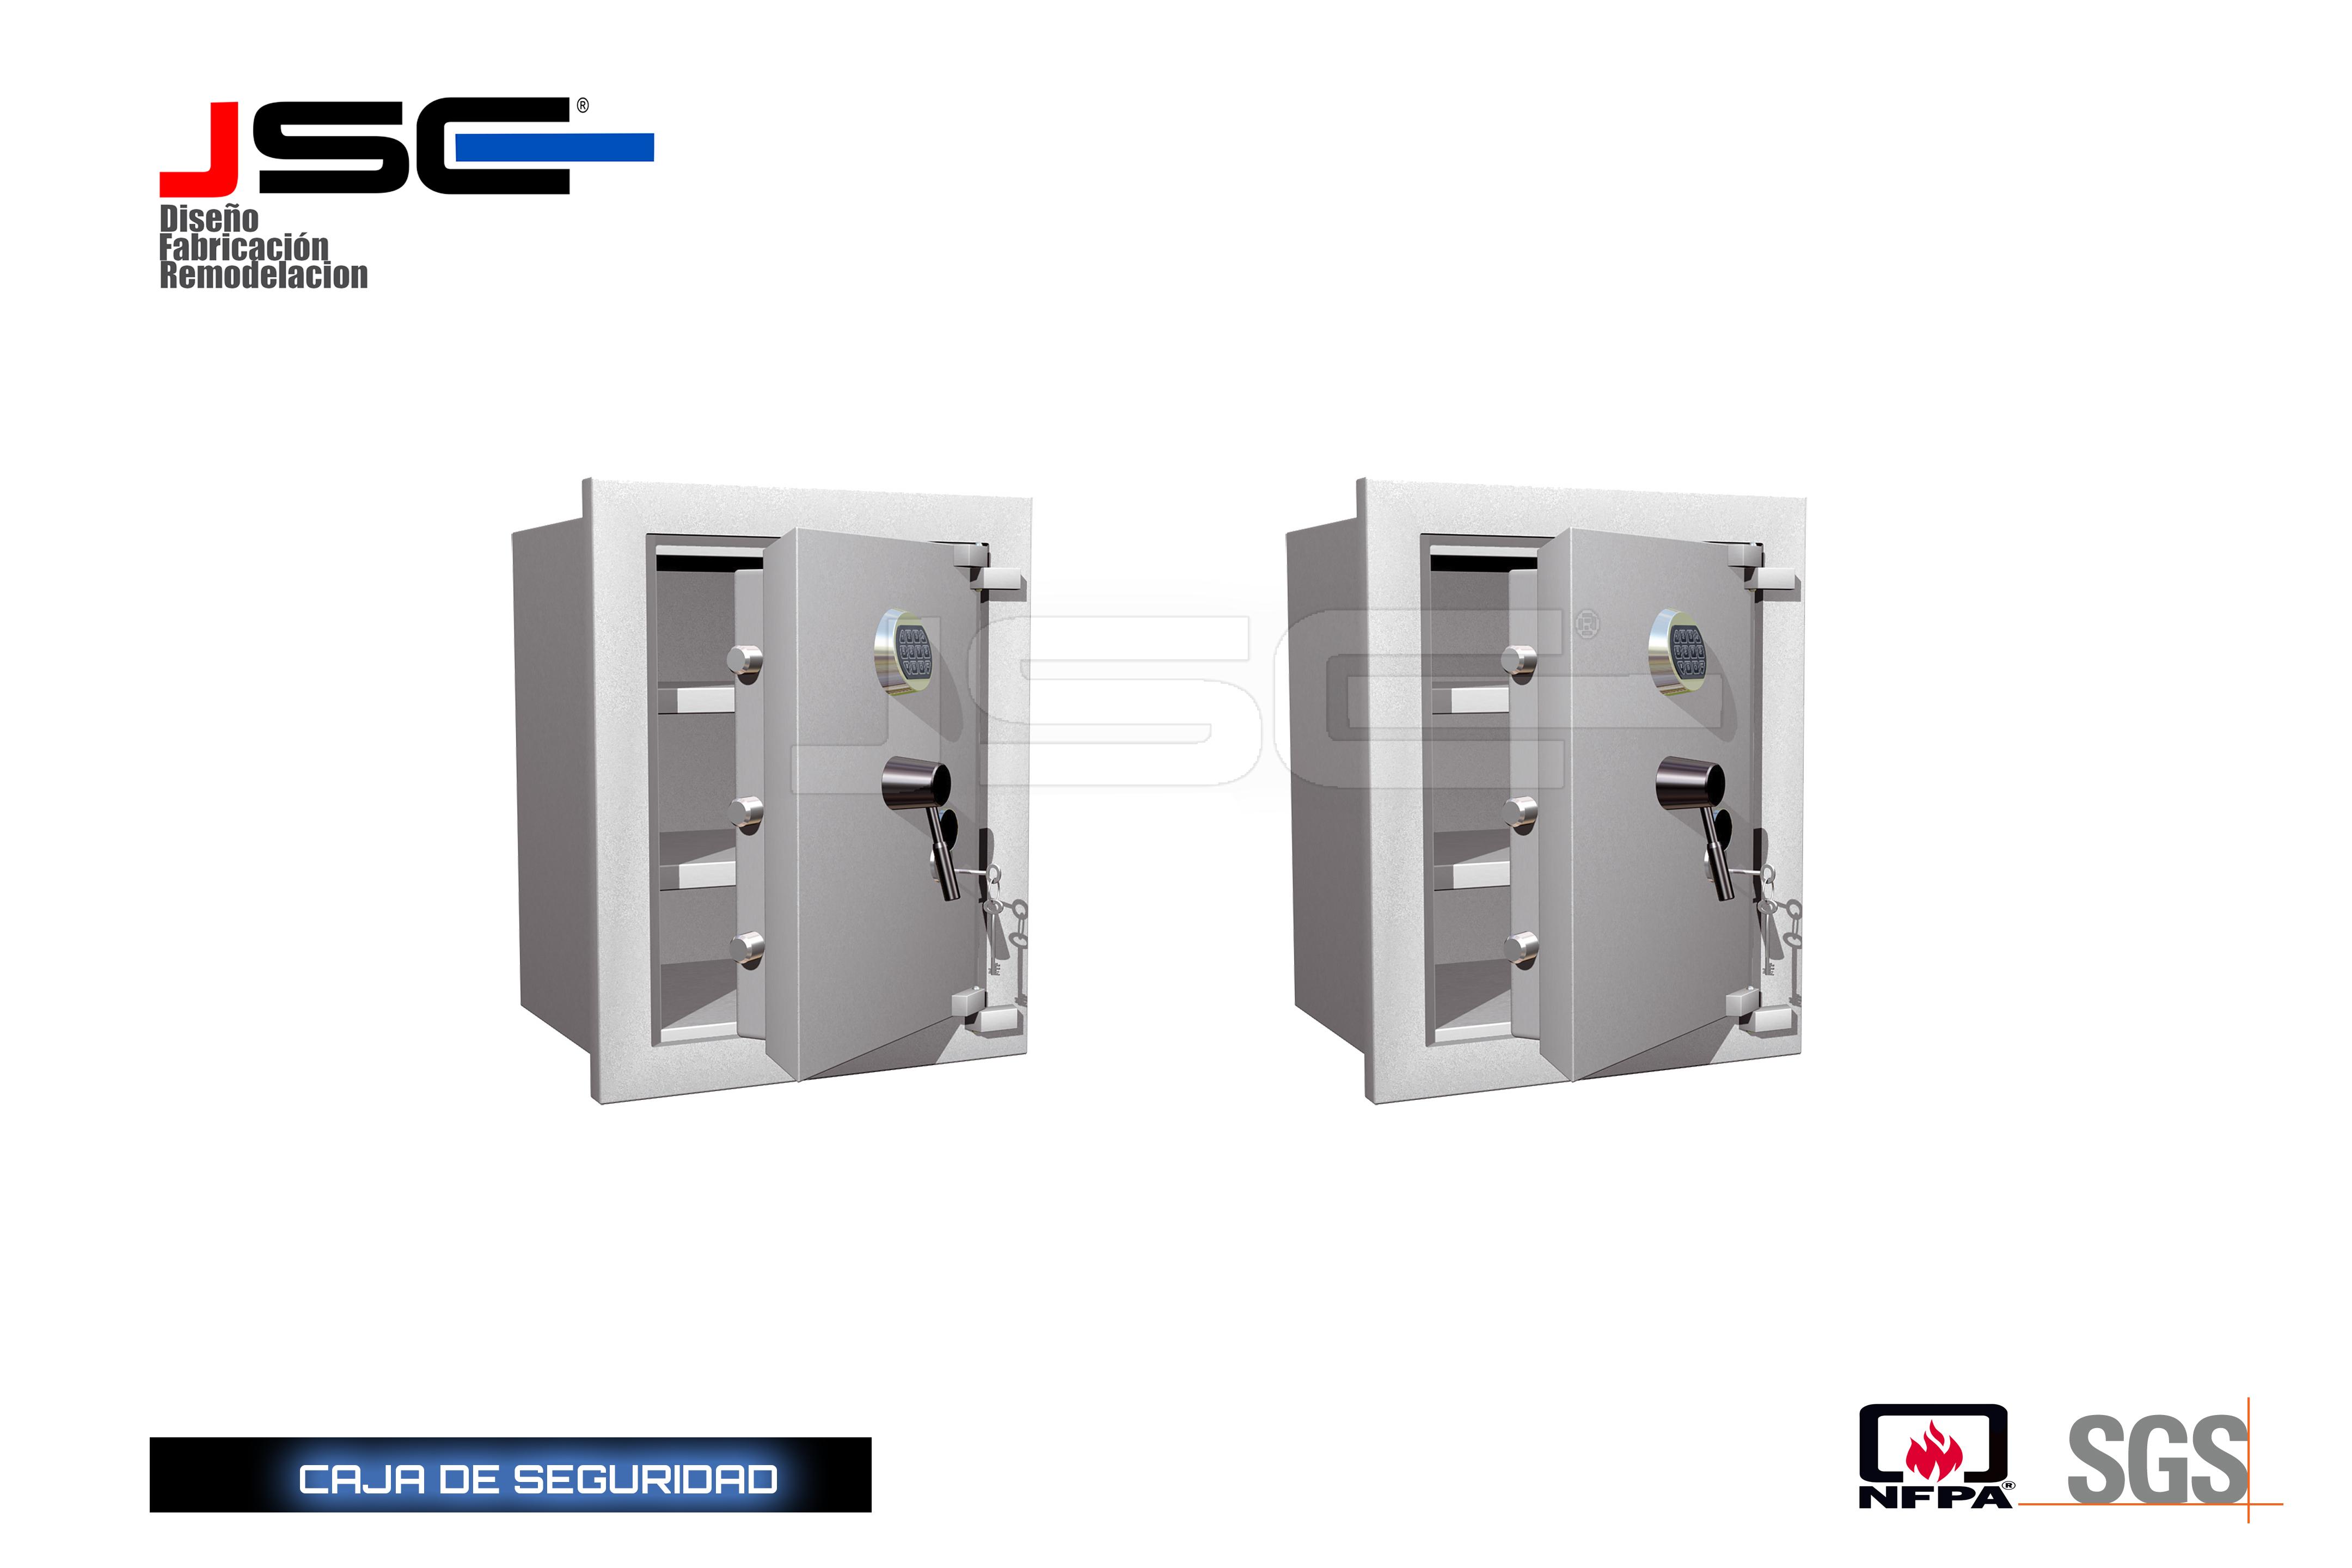 Caja de piso JSCP005